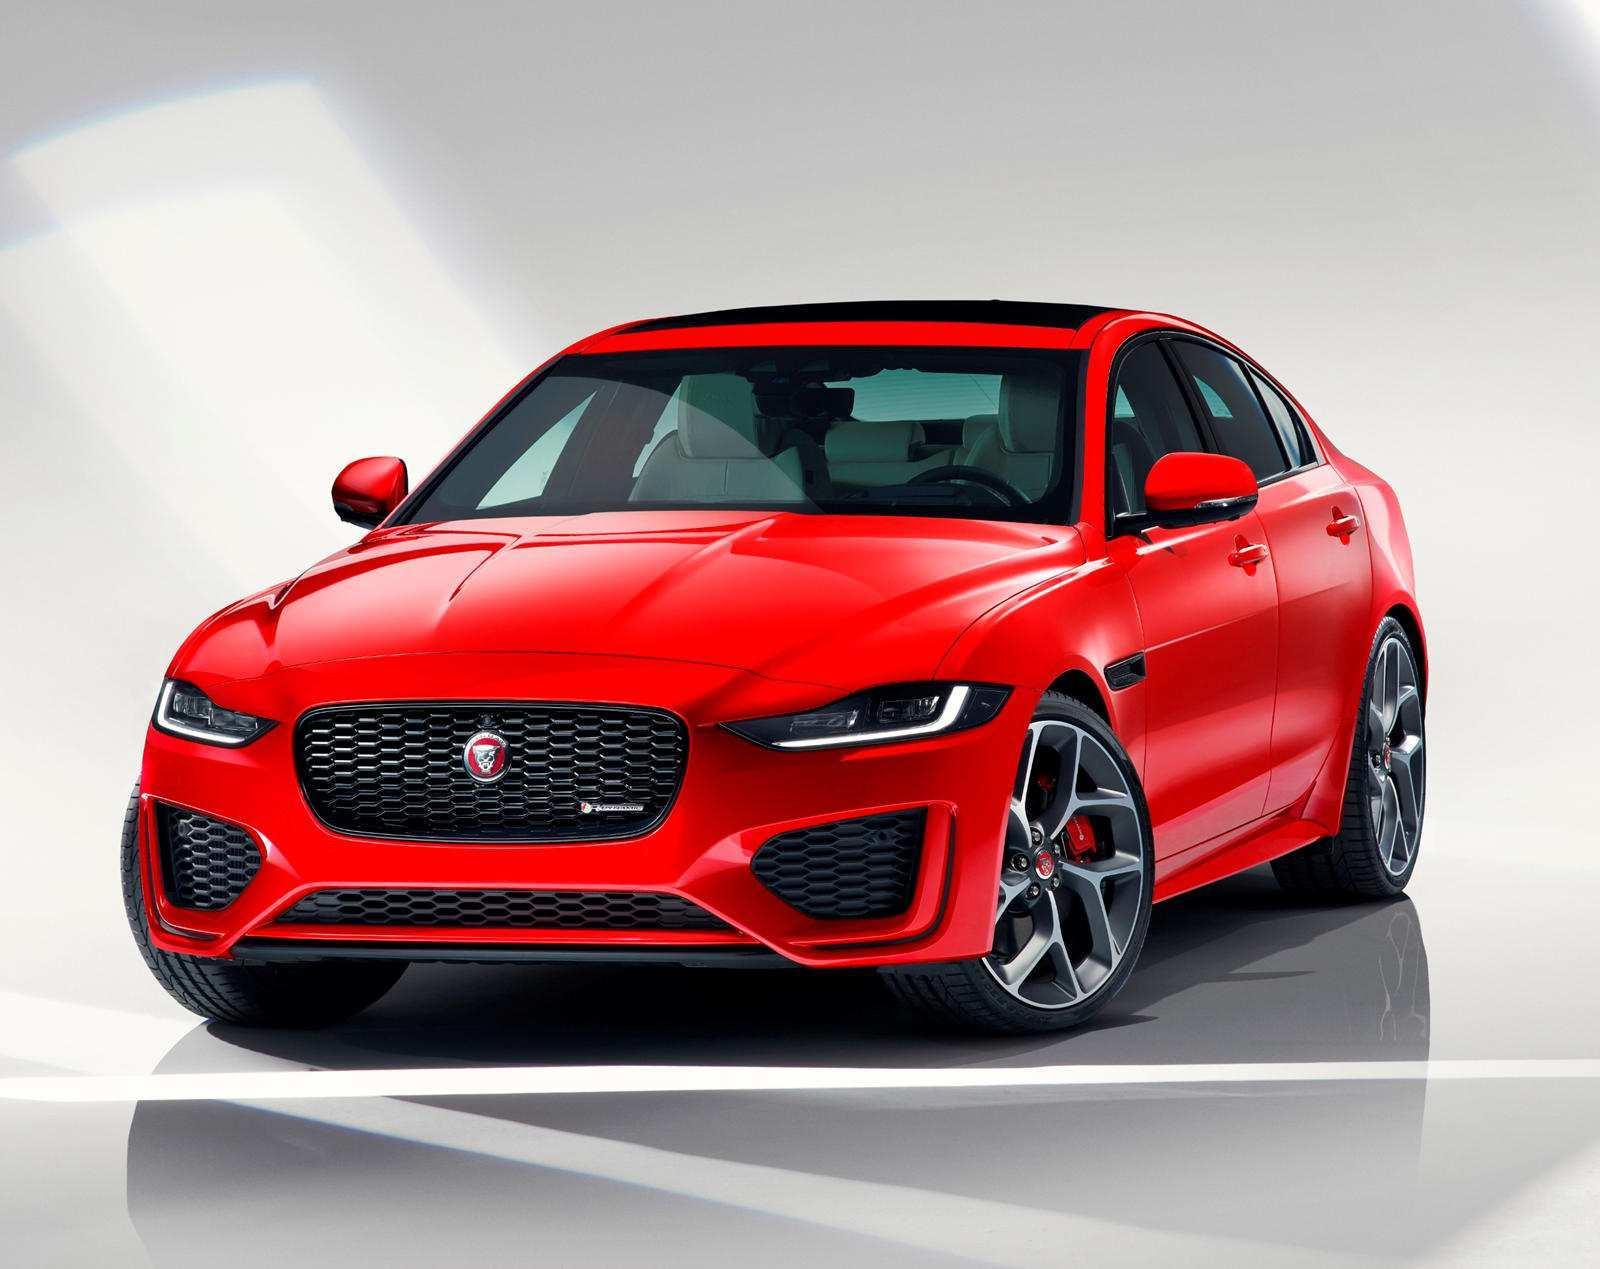 38 Gallery of Jaguar Xe Facelift 2020 Wallpaper for Jaguar Xe Facelift 2020